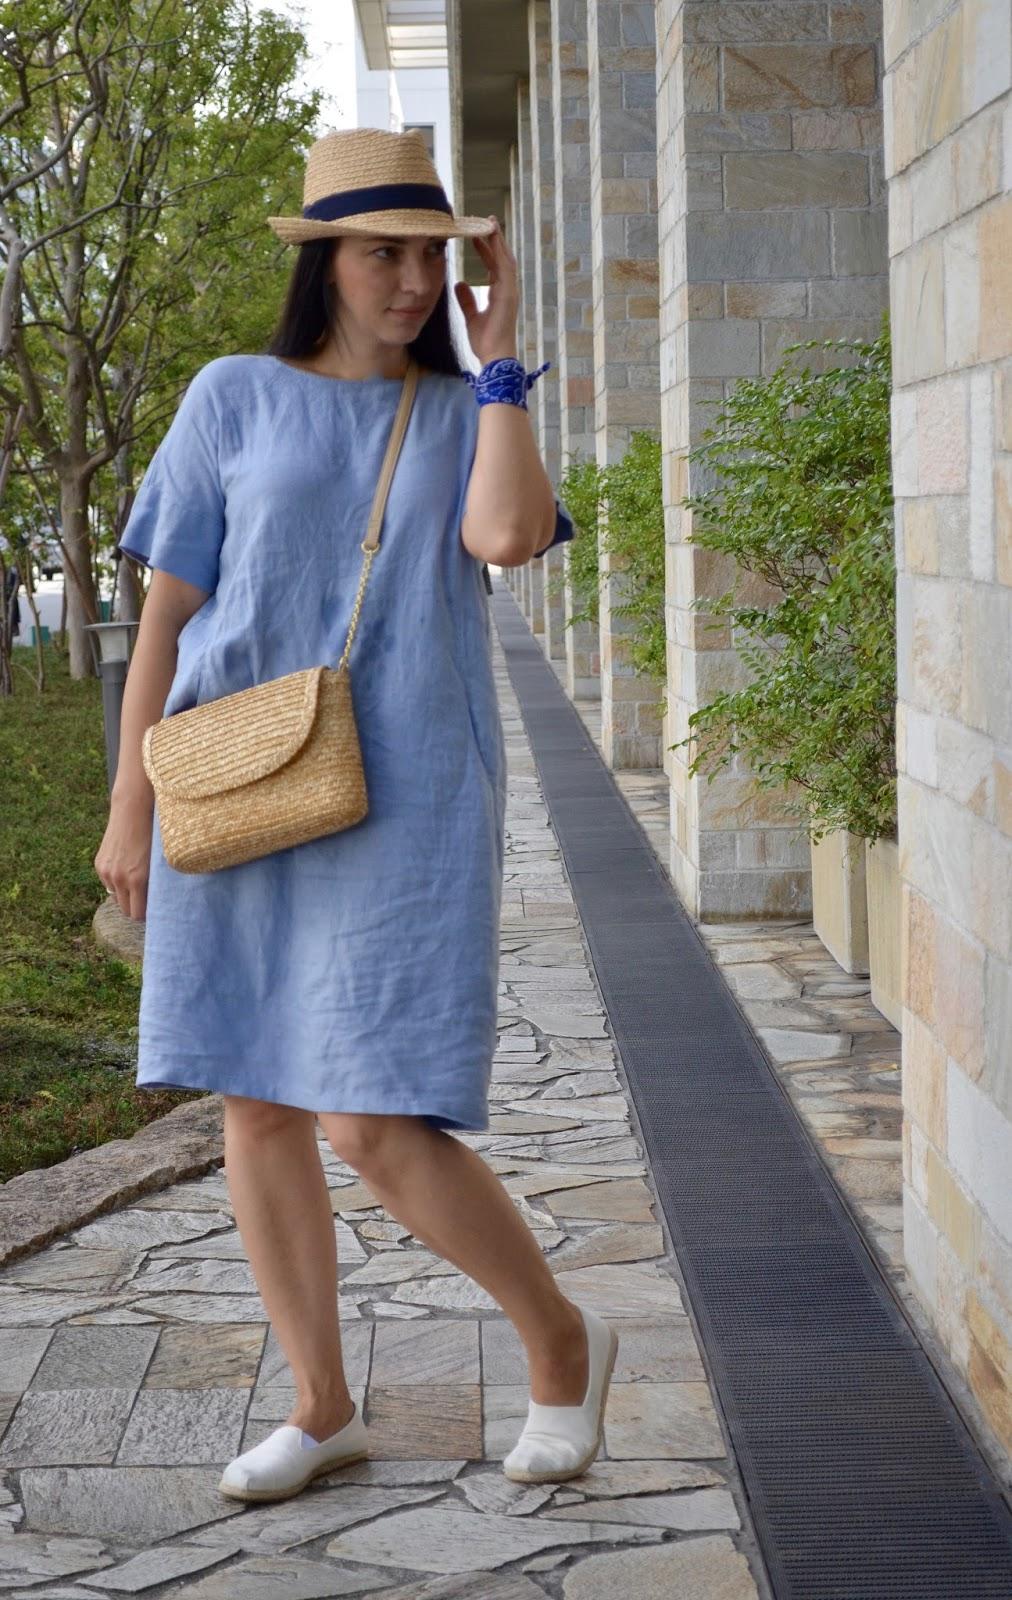 Японская училка показала что у нее под платьем ничего нет фото 253-778